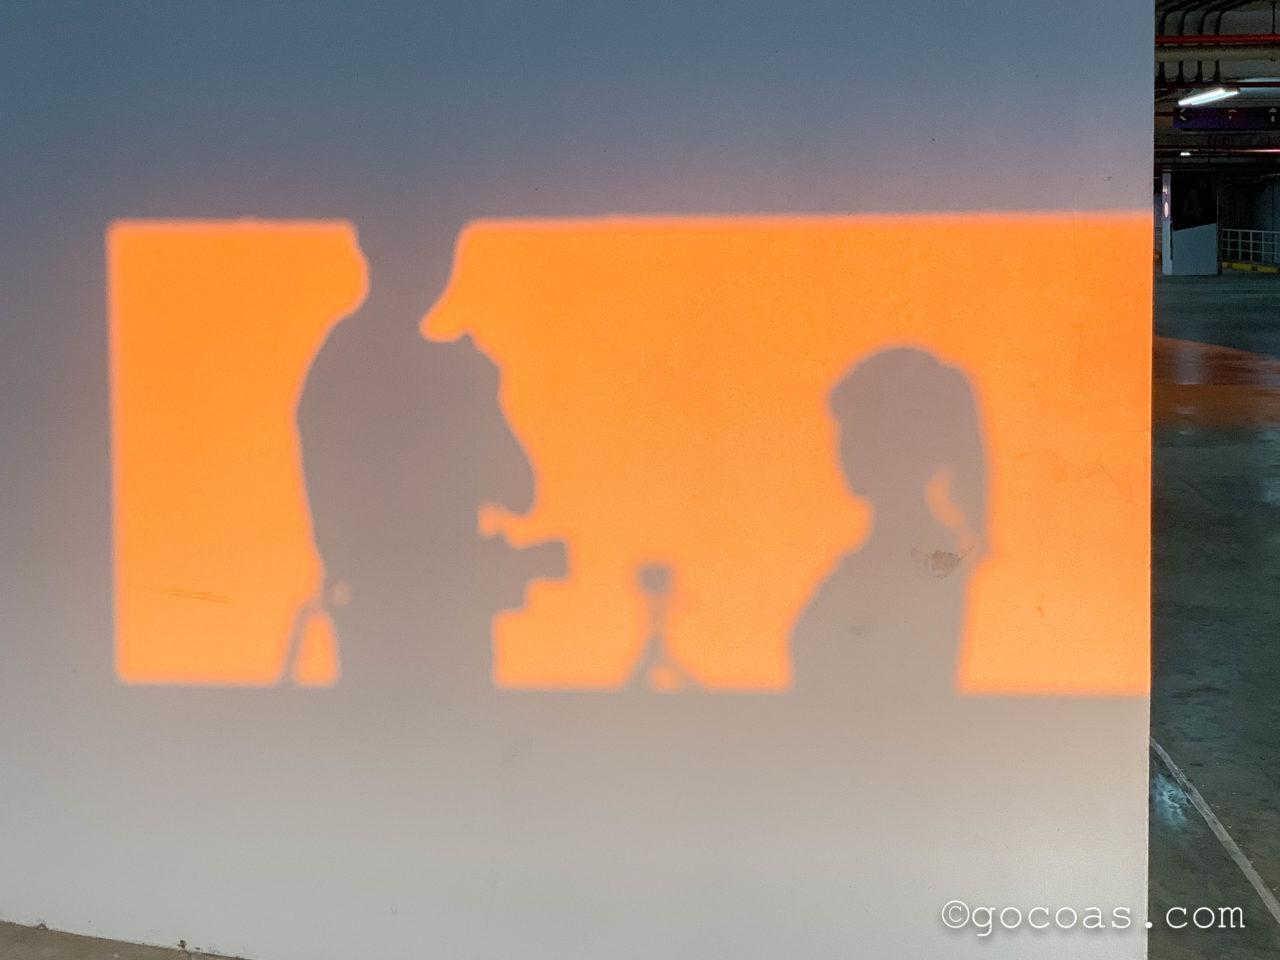 エスプラナード・ラチャダーの駐車場で撮影した夫婦のシルエット